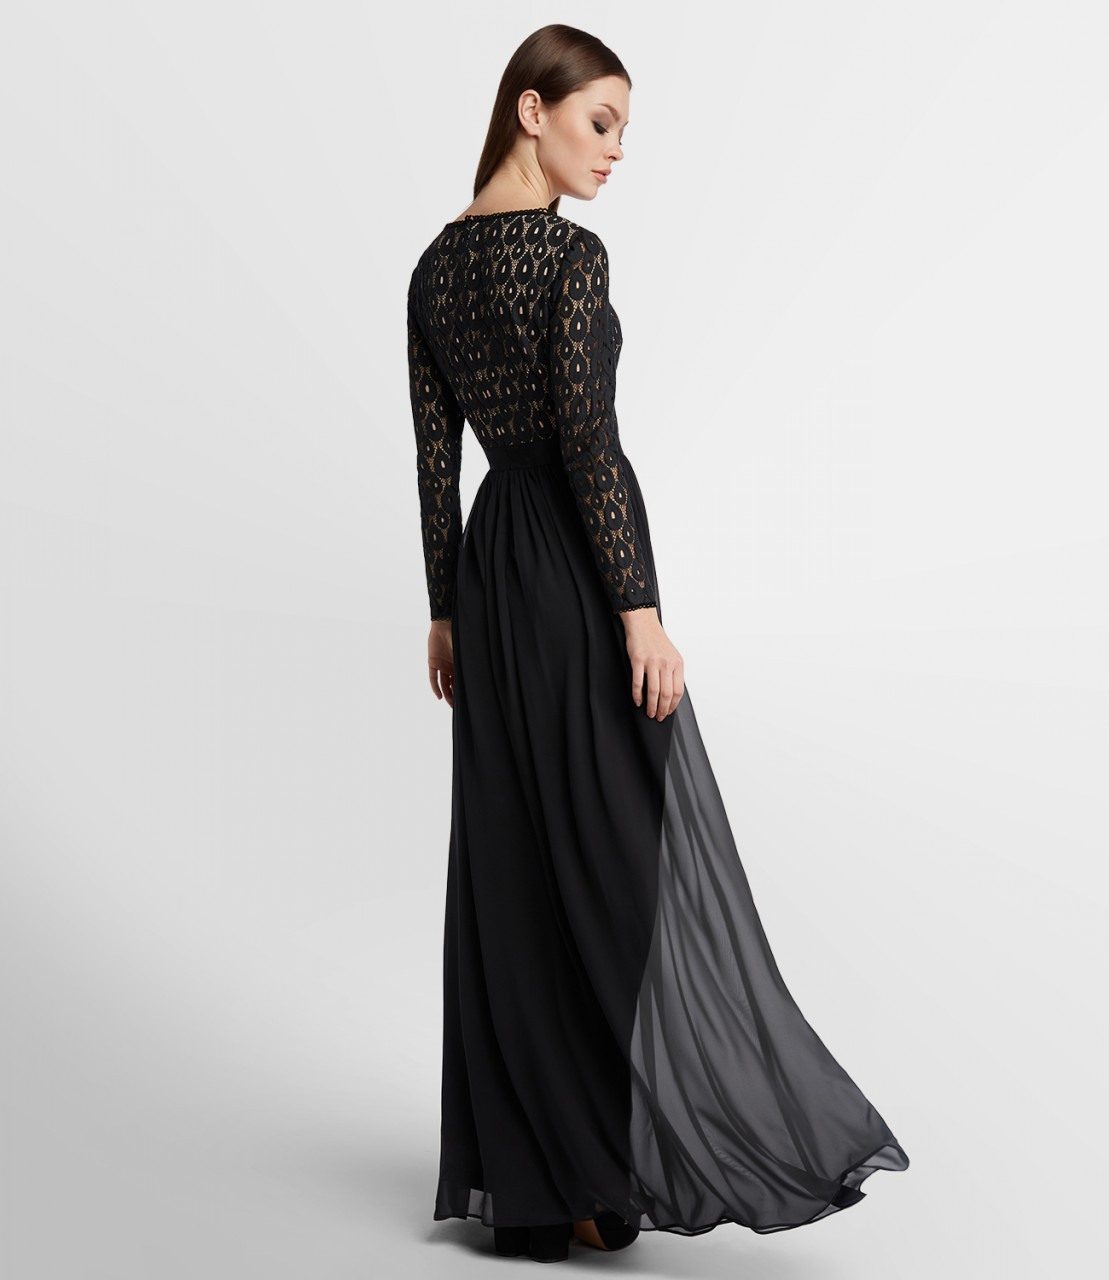 Luxus Www.Abend Kleid Ärmel15 Wunderbar Www.Abend Kleid Vertrieb